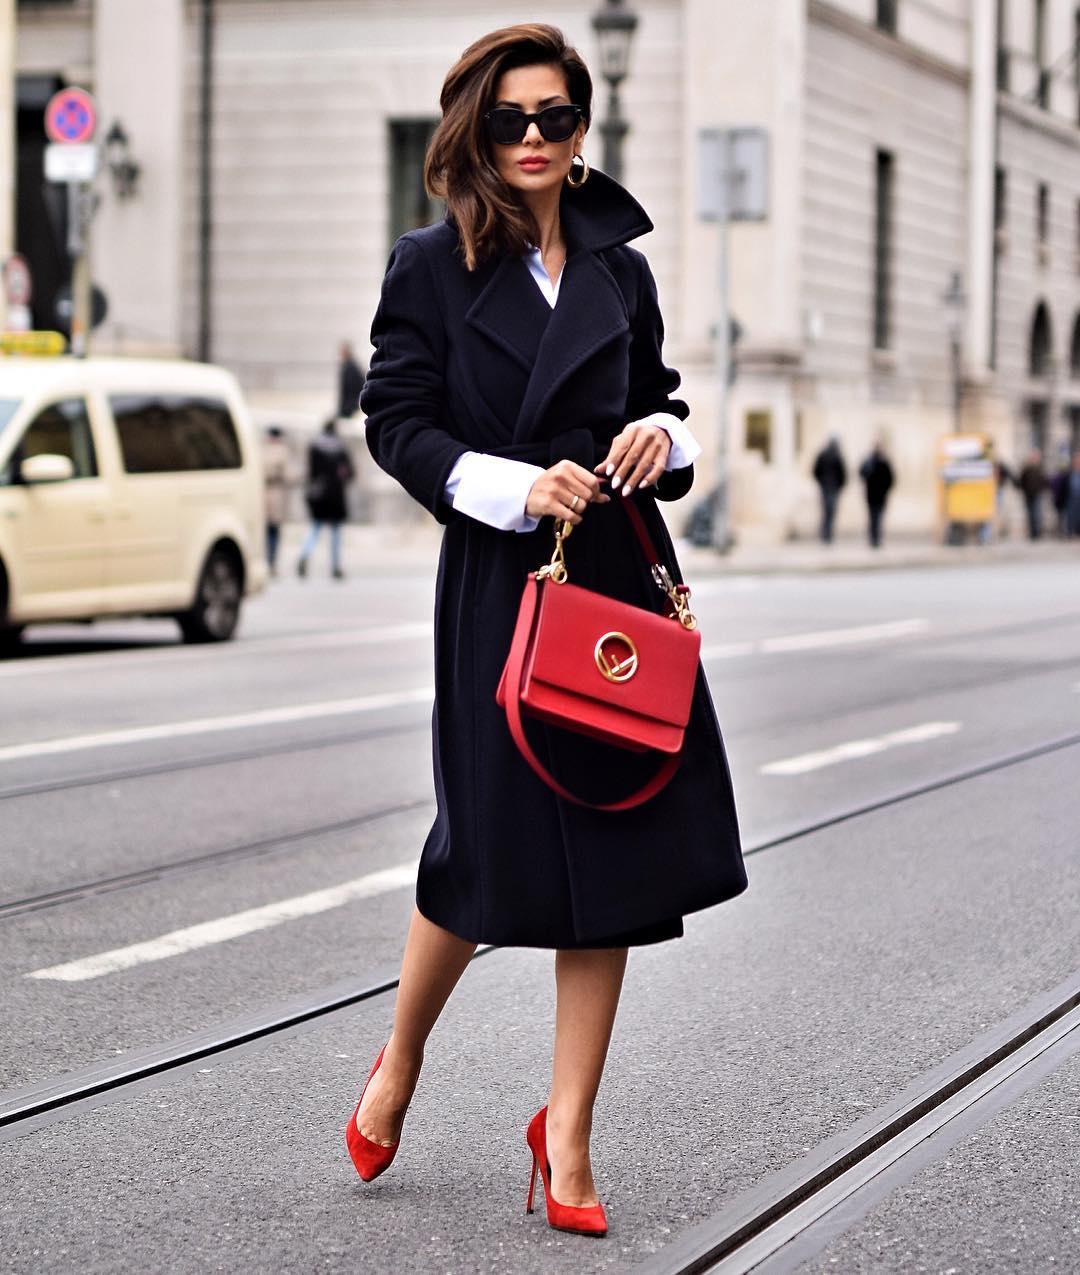 Как носить юбку зимой, чтобы выглядеть стильно: 10 стильных вариантов